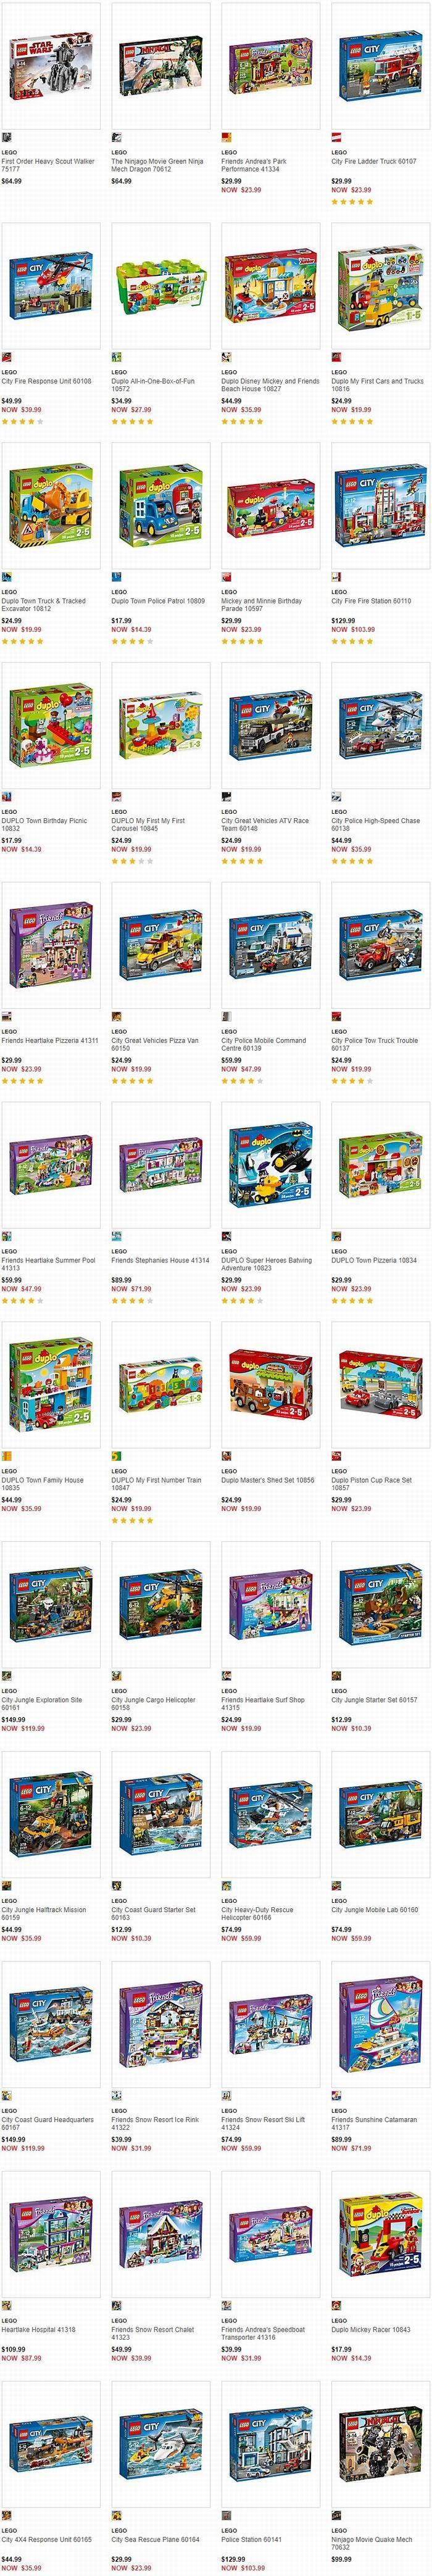 速抢!精选249款 Lego 乐高积木玩具6-6.7折!